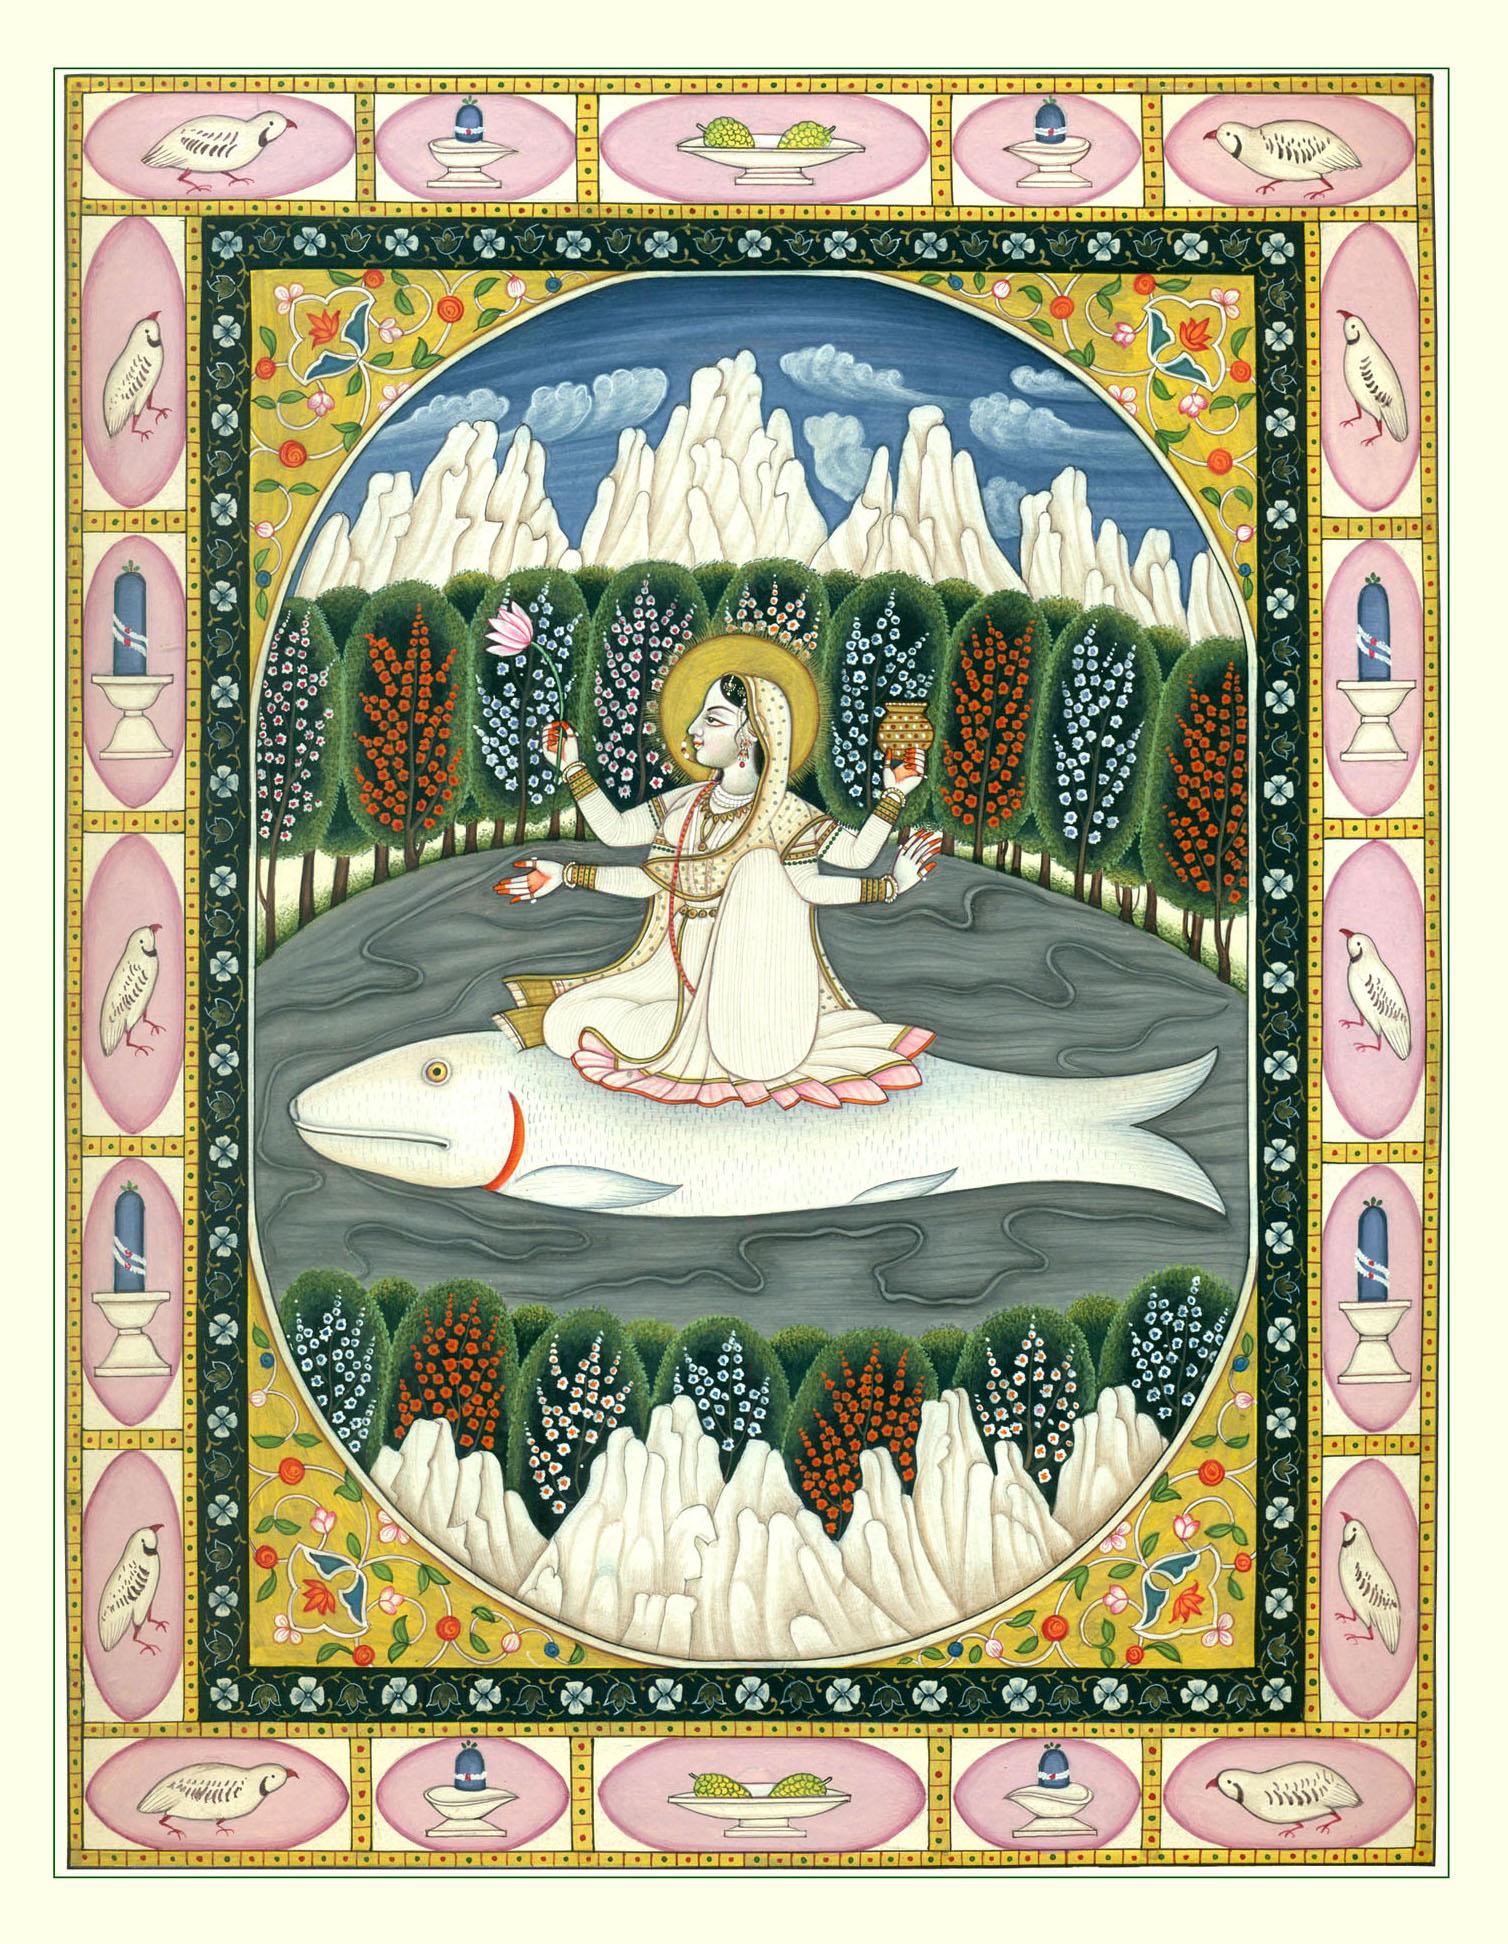 Purity and Divinity (Goddess Ganga)